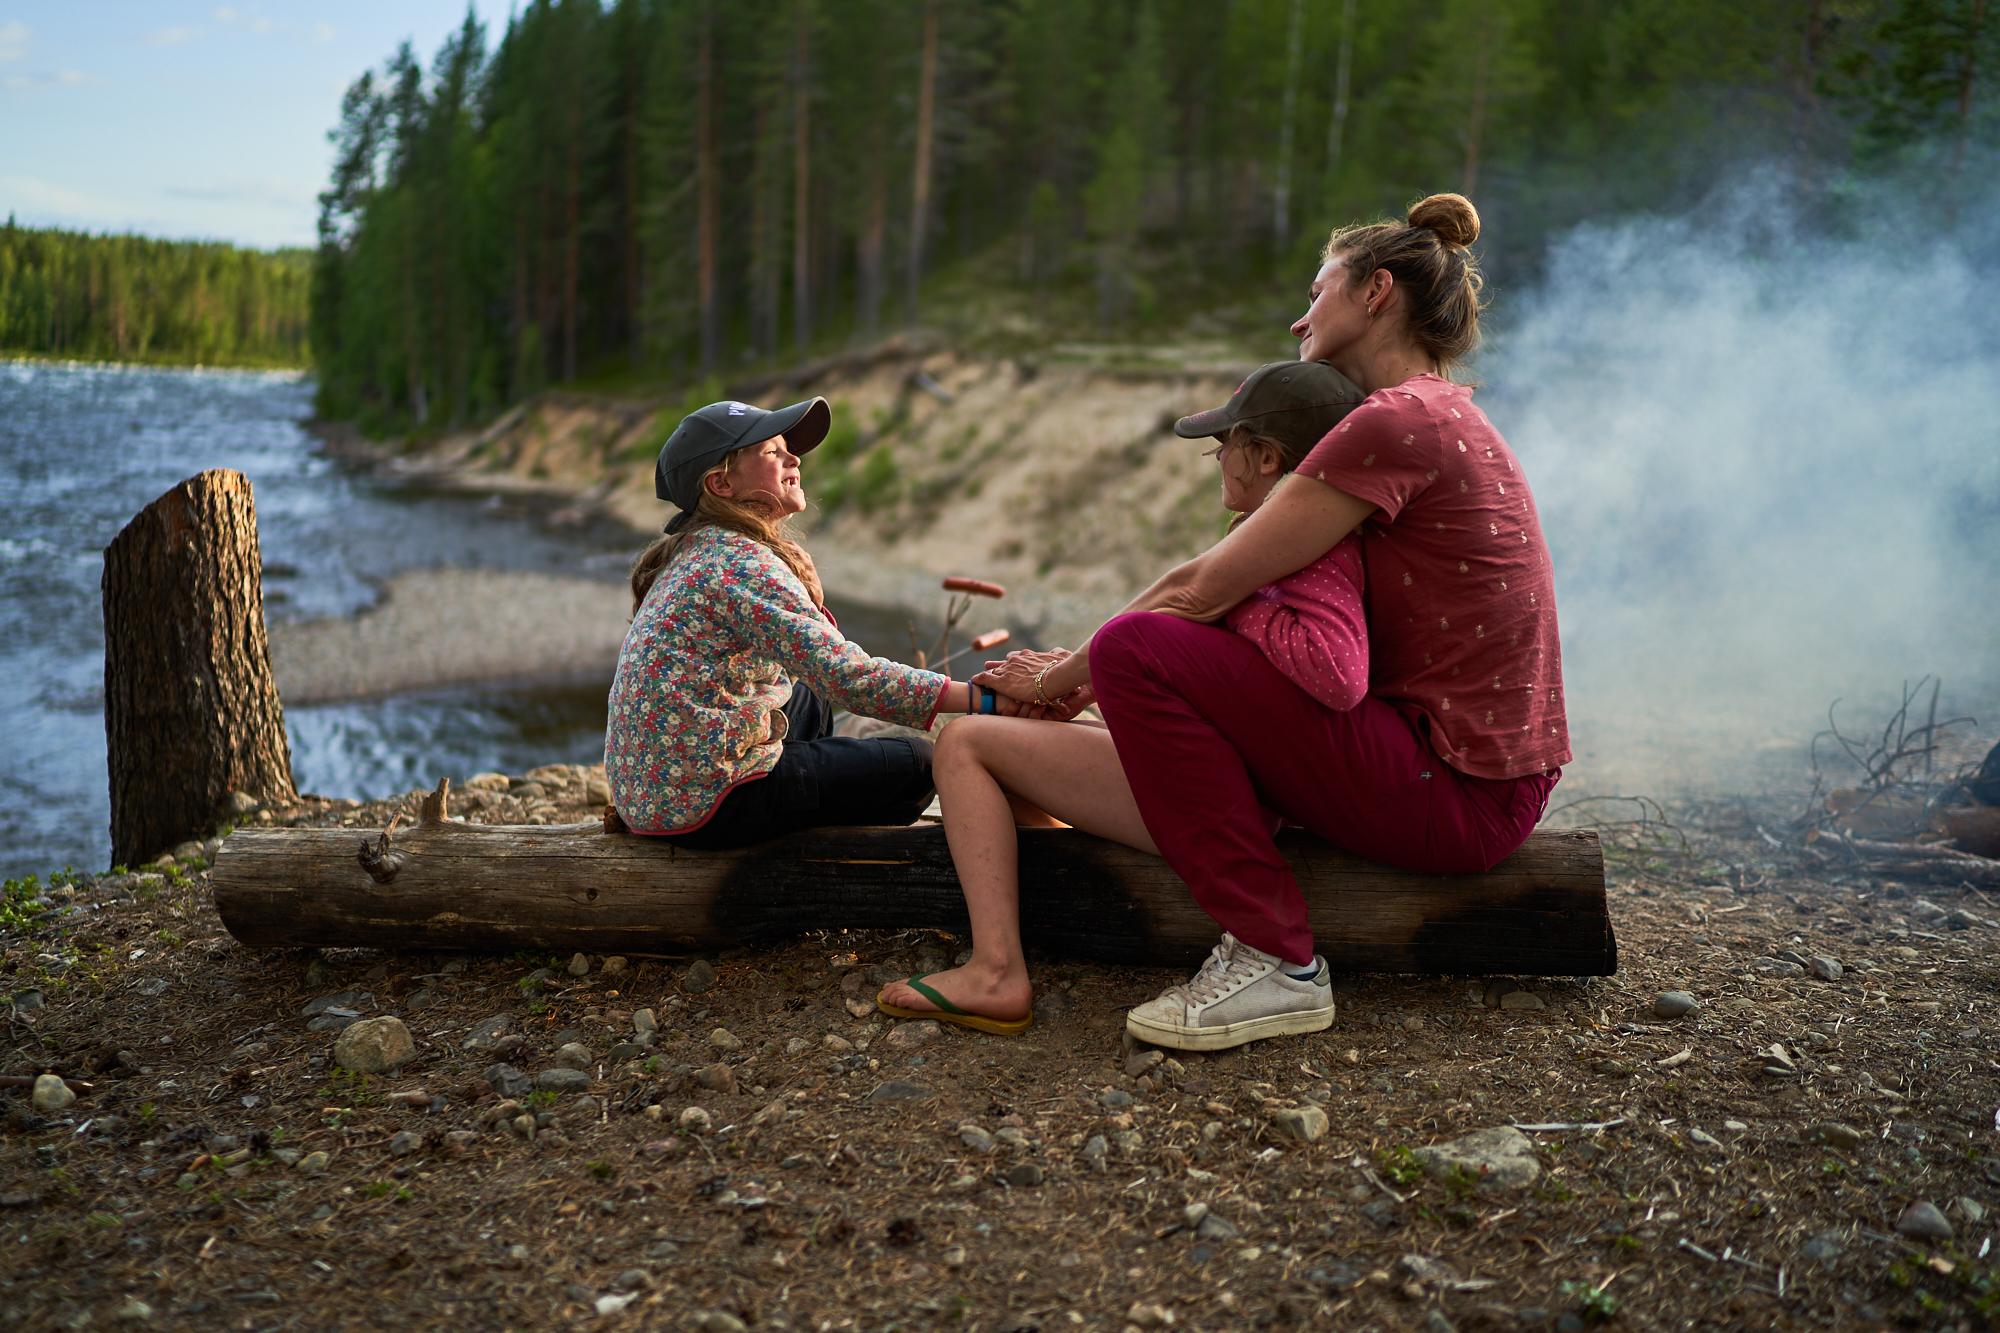 20190710-Zweden-S19-NIK08637.jpg